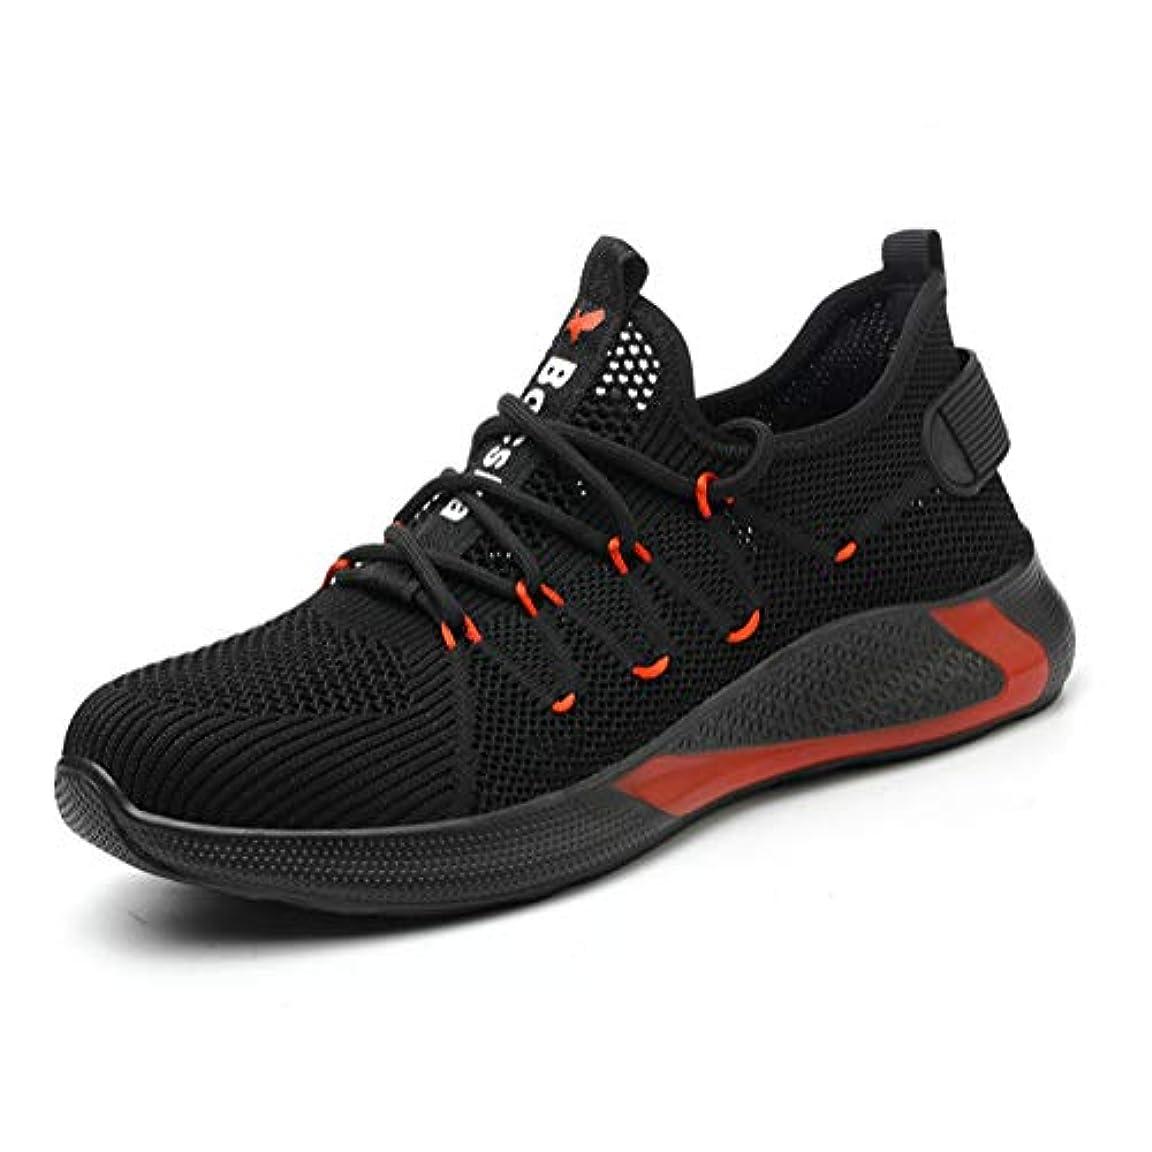 ステートメントファランクス予感織メッシュ作業靴をフライング、スチールトゥキャップ、アンチスマッシング、アンチプレッシャー、アンチ穿刺安全靴、滑り止めのスポーツシューズ,黒,42